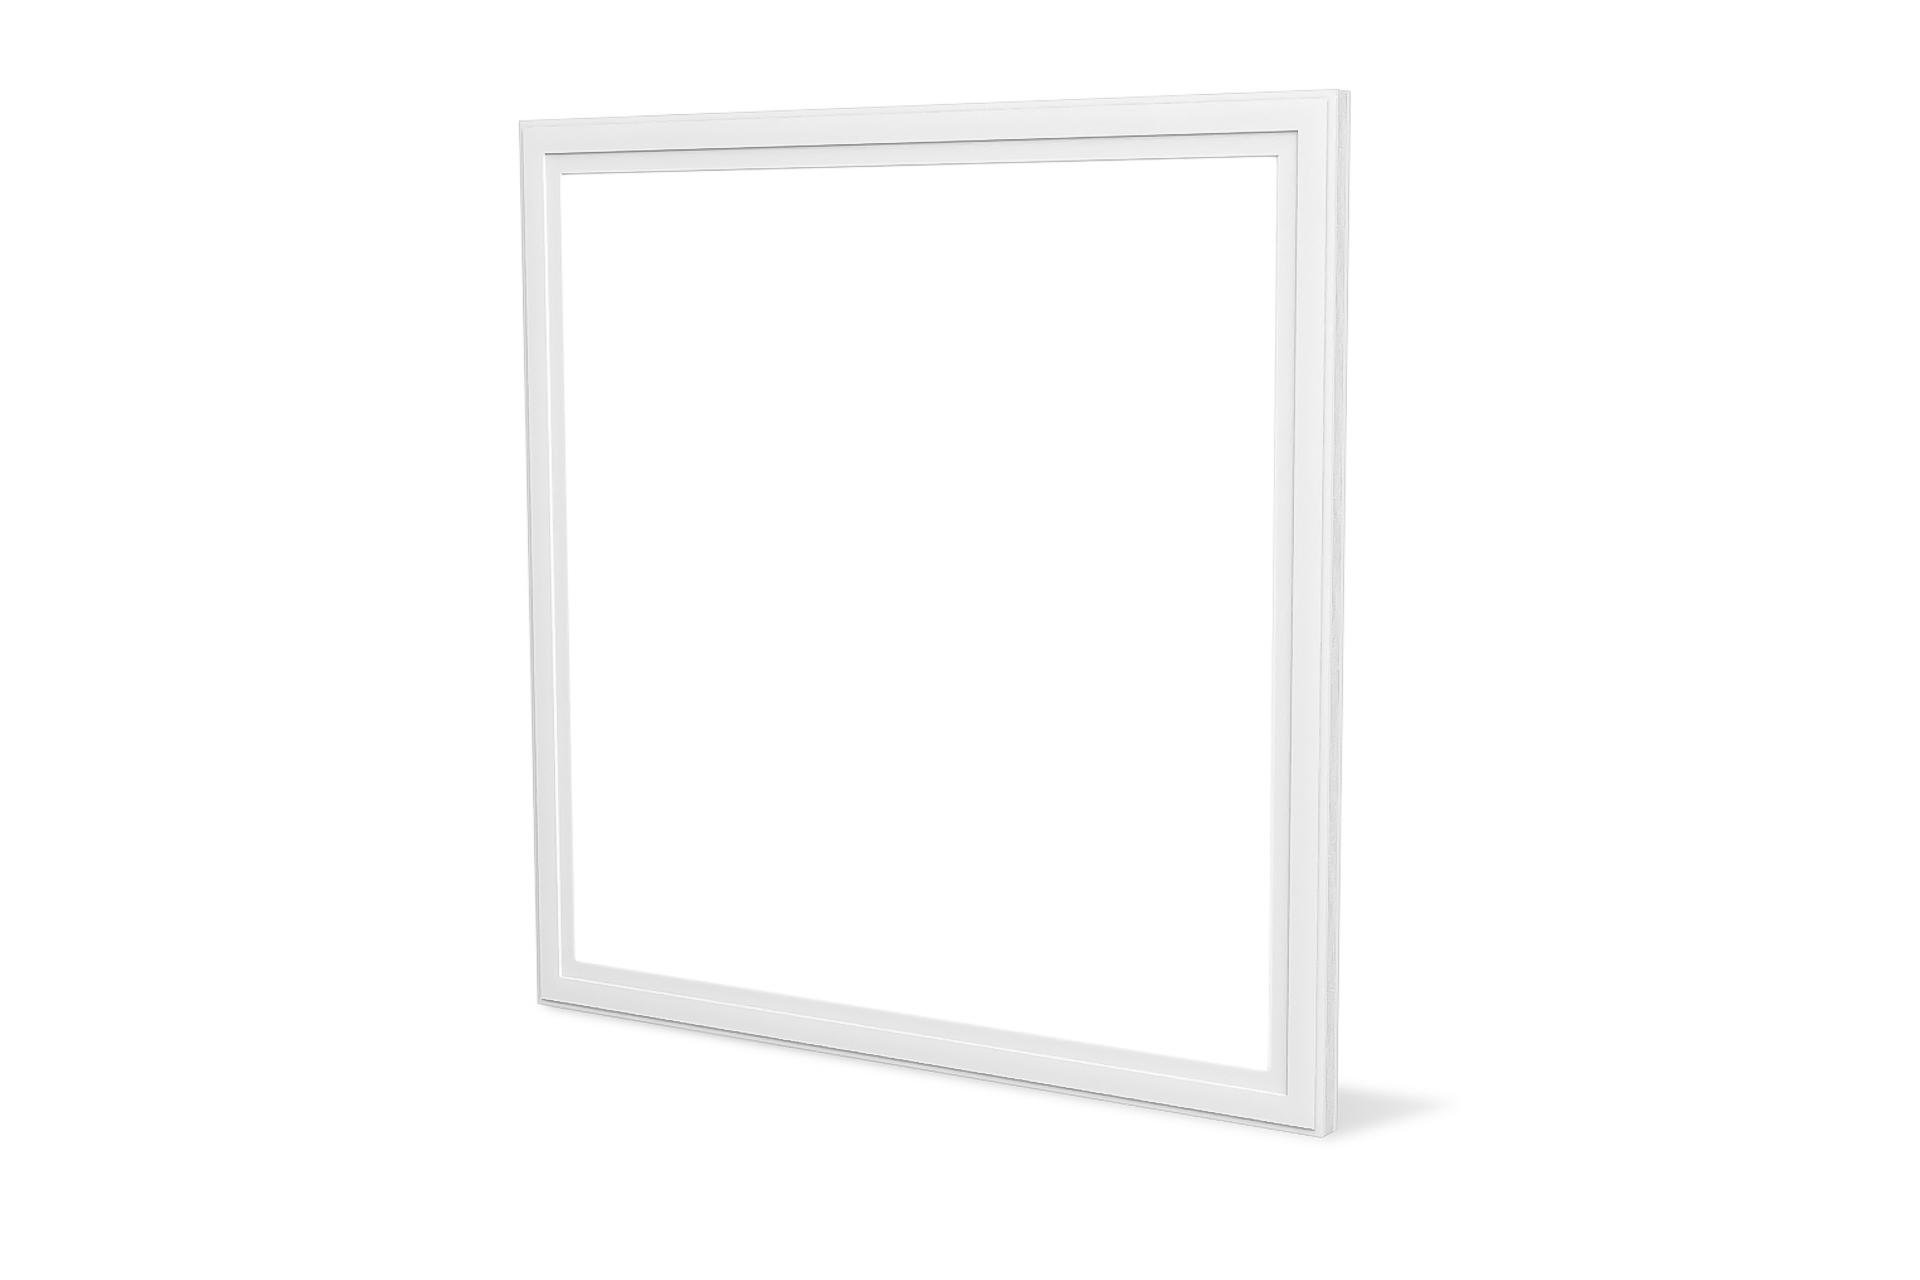 led panel 2x2 40w 110 277v 5000k a a optoelectronics ltd. Black Bedroom Furniture Sets. Home Design Ideas